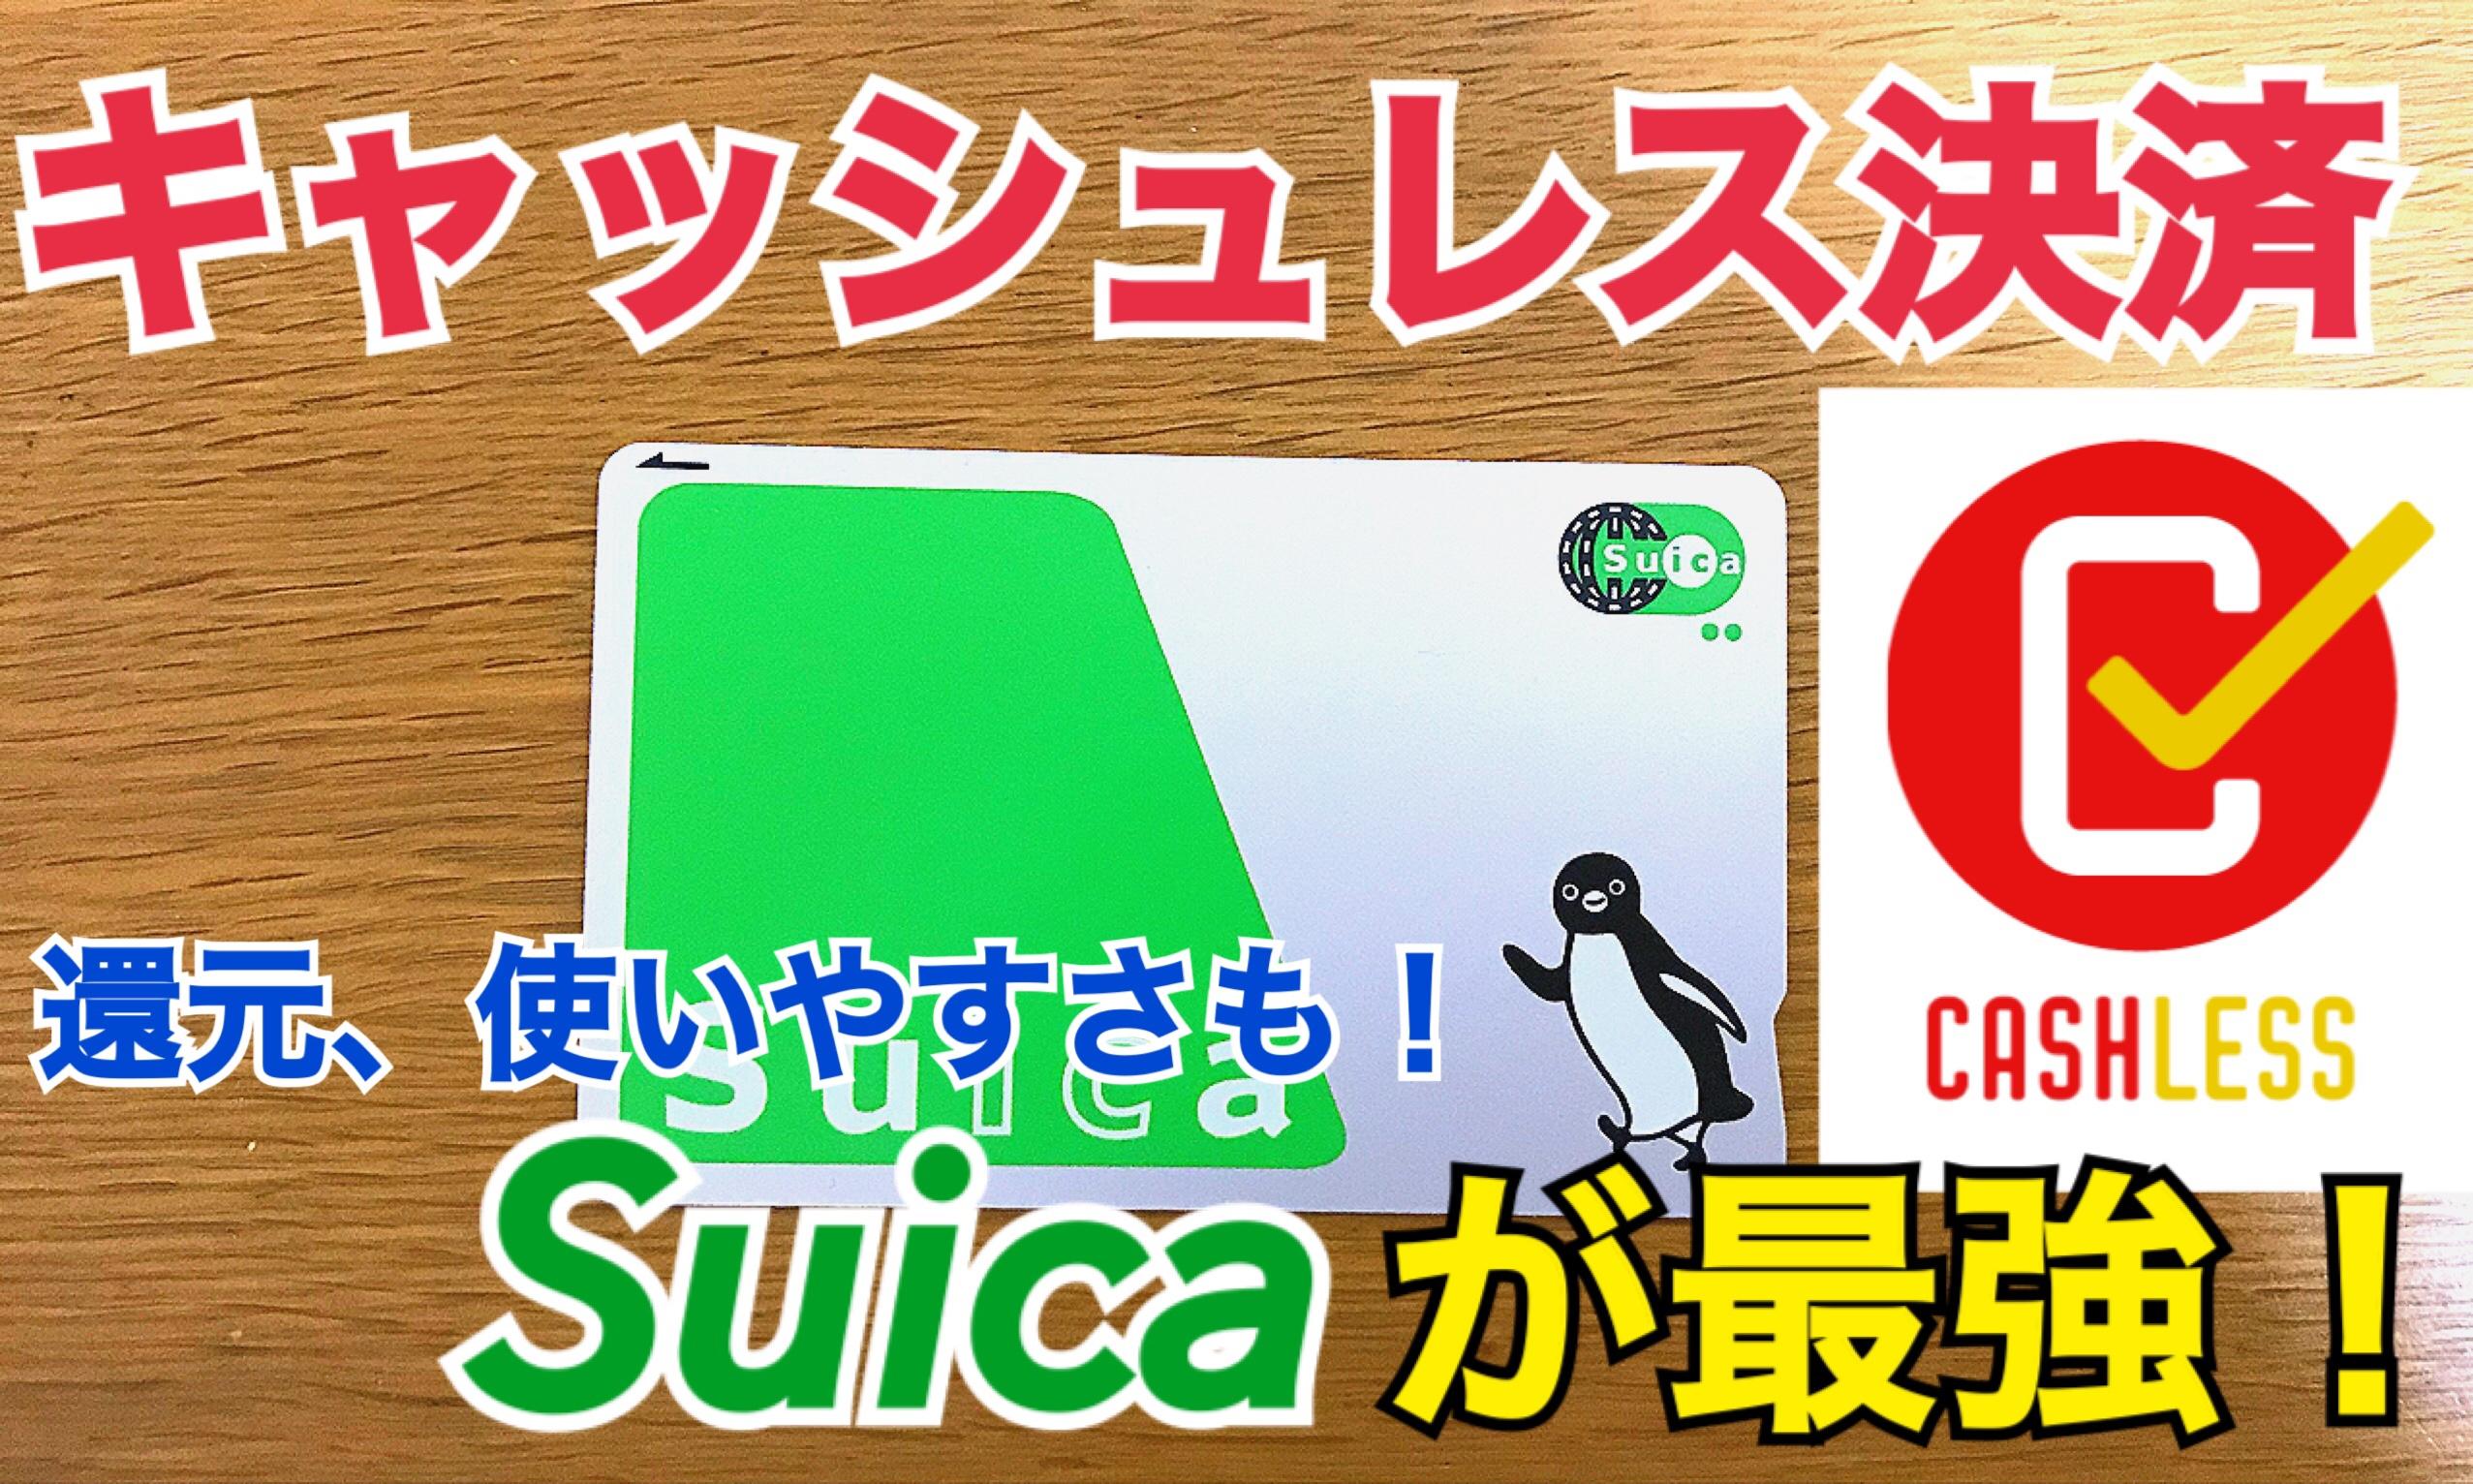 キャッシュレス決済はやっぱりSuicaが最強!!